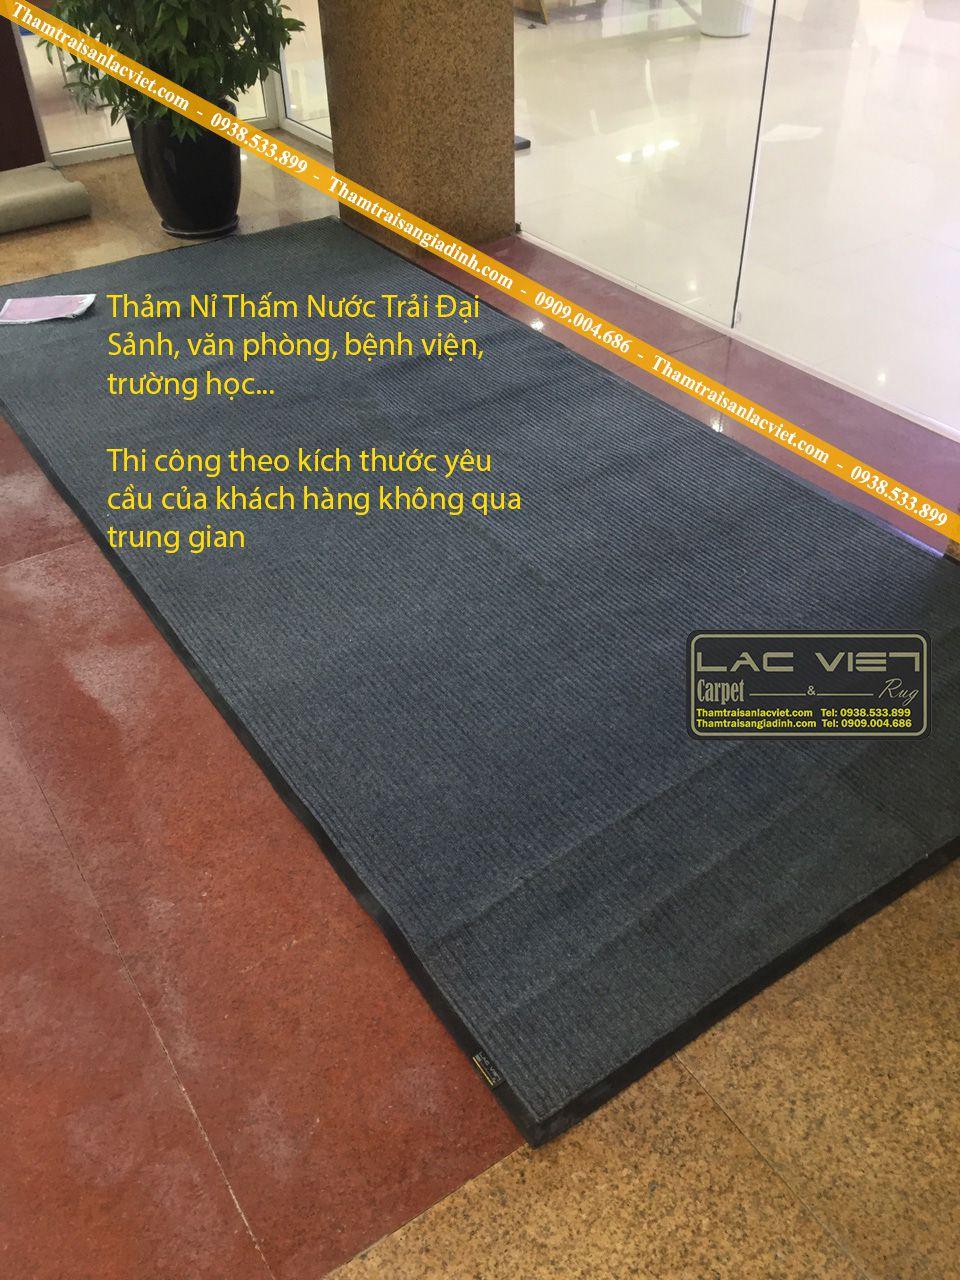 Thảm chùi chân đế cao su màu ghi trải sảnh văn phòng